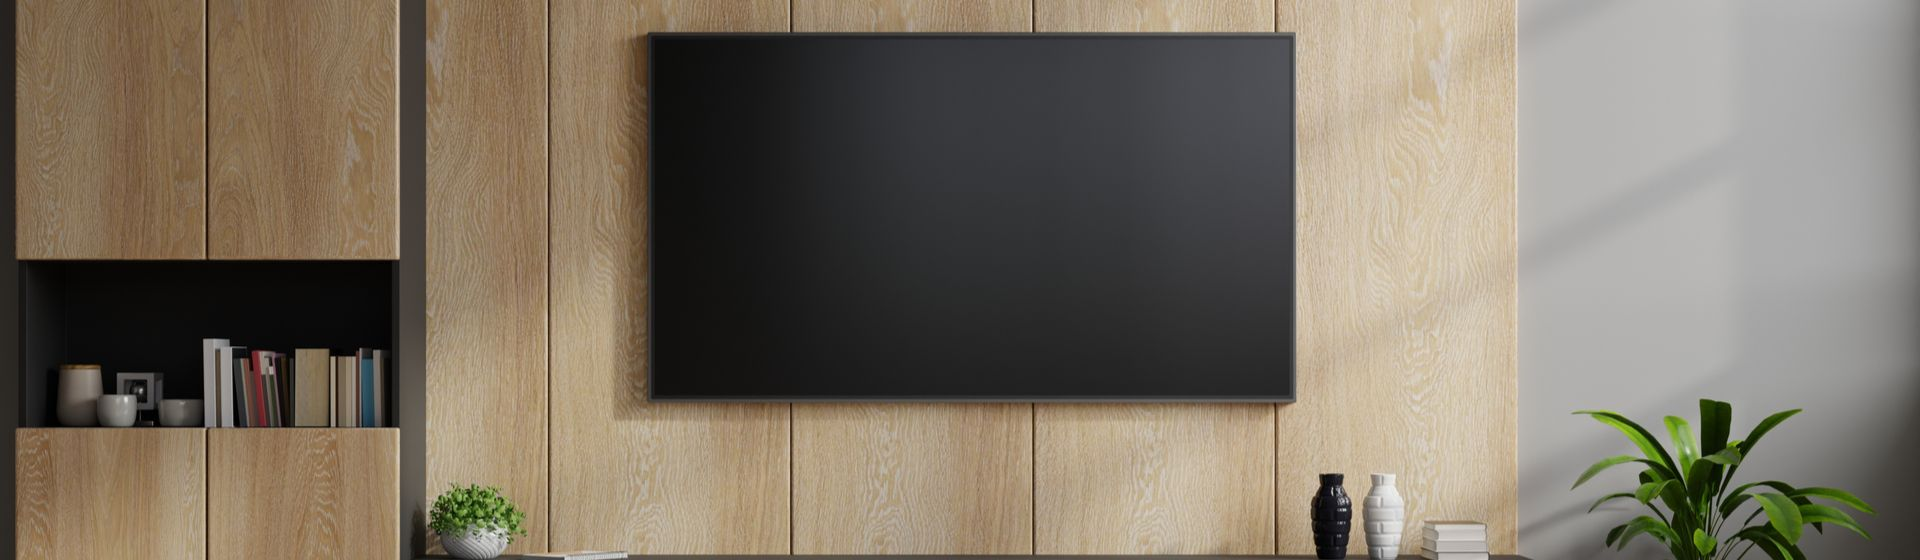 Painel para TV: como escolher o melhor para a sua sala?